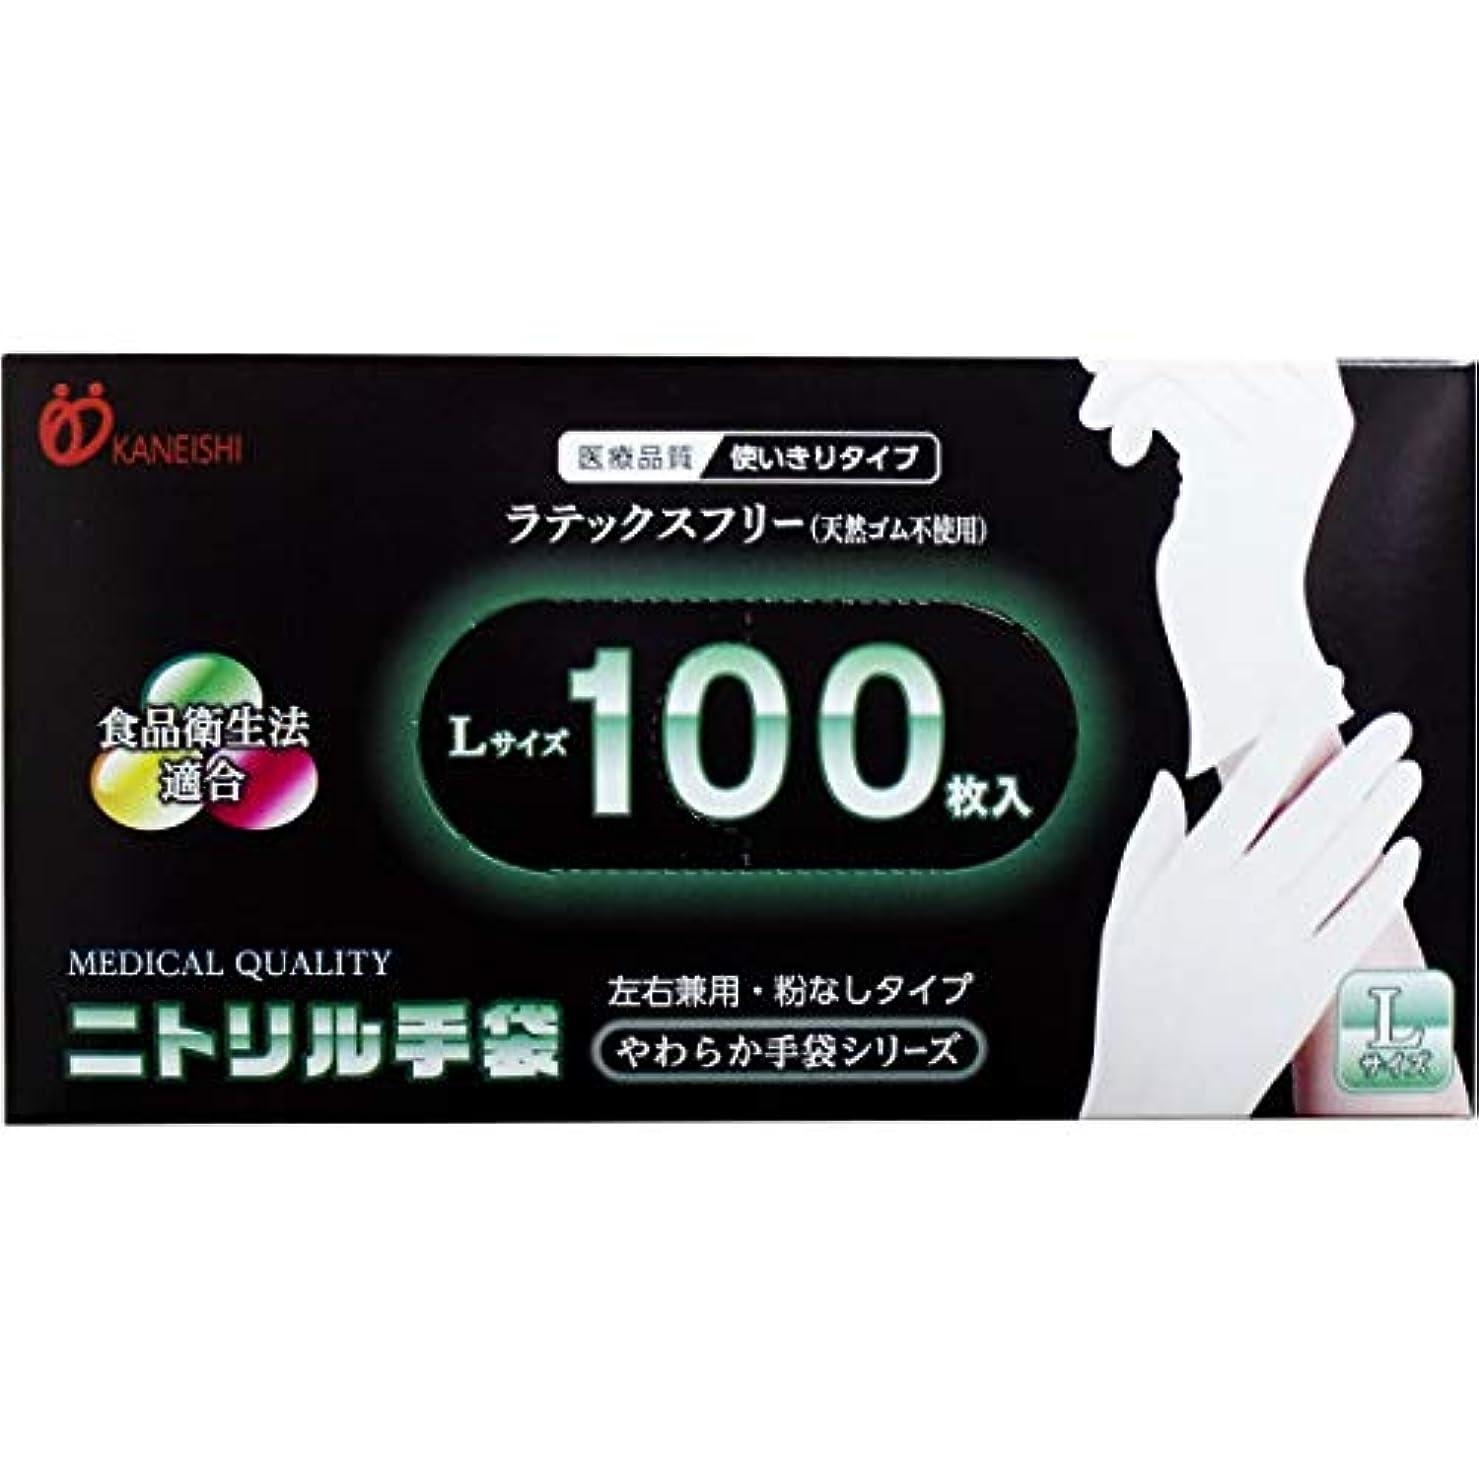 印象呼び起こす協定[12月23日まで特価]やわらかニトリル手袋 パウダーフリー 100枚入 Lサイズ ×2個セット